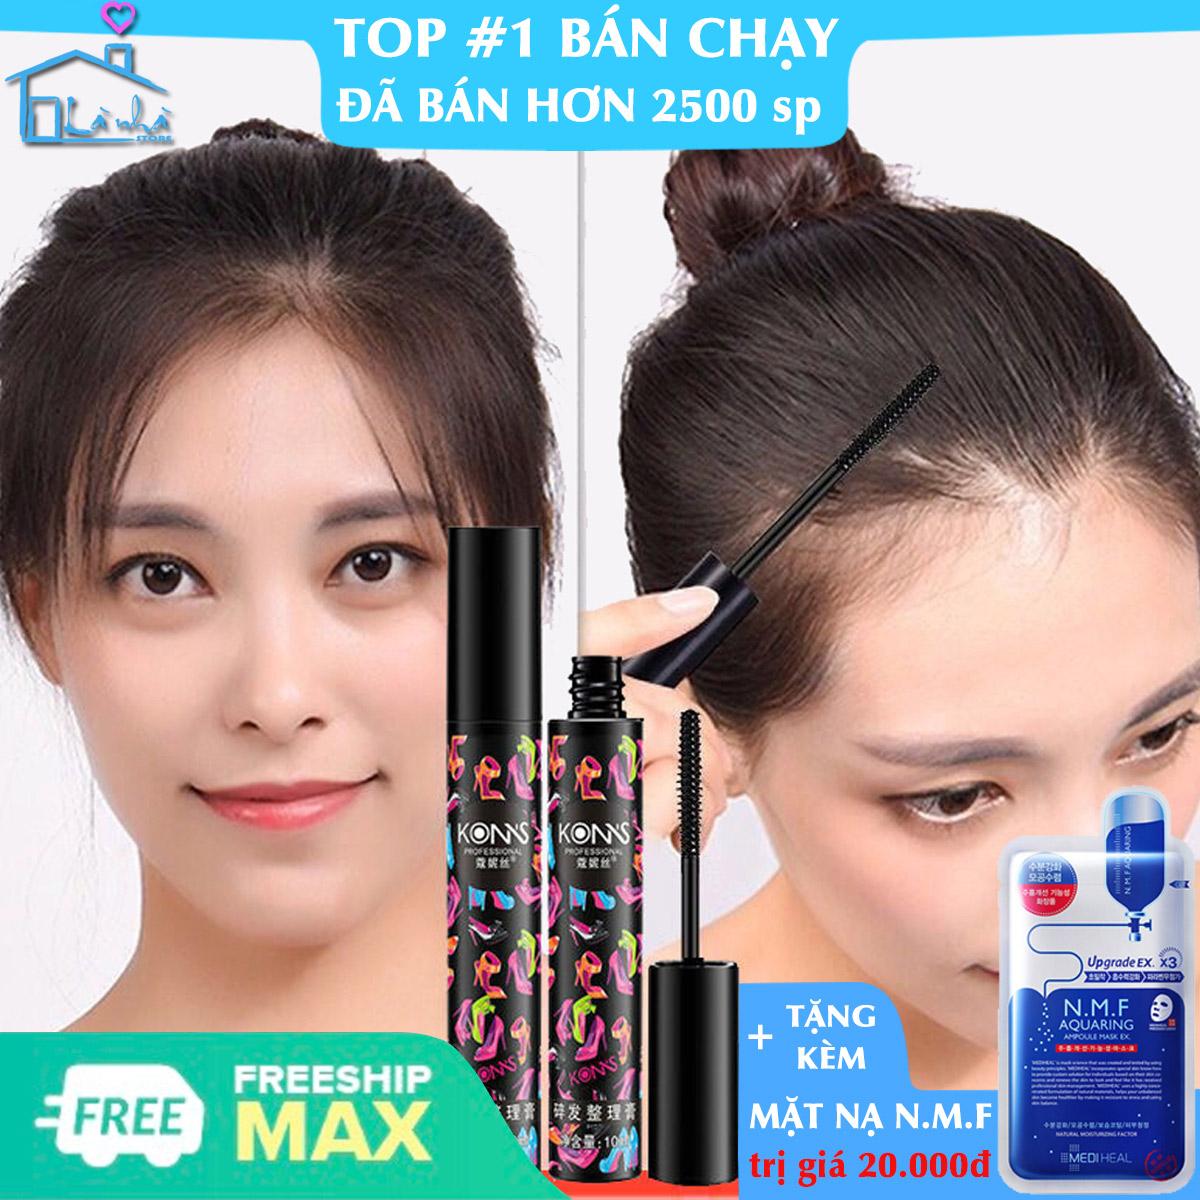 Ưu Đãi Giá cho Cây Chải Chuốt Tóc Mascara Tạo Kiểu Tóc đẹp Vuốt Tóc Con Gọn Vào Nếp Phụ Kiện Mini Bỏ Túi Xách Tiện Dụng